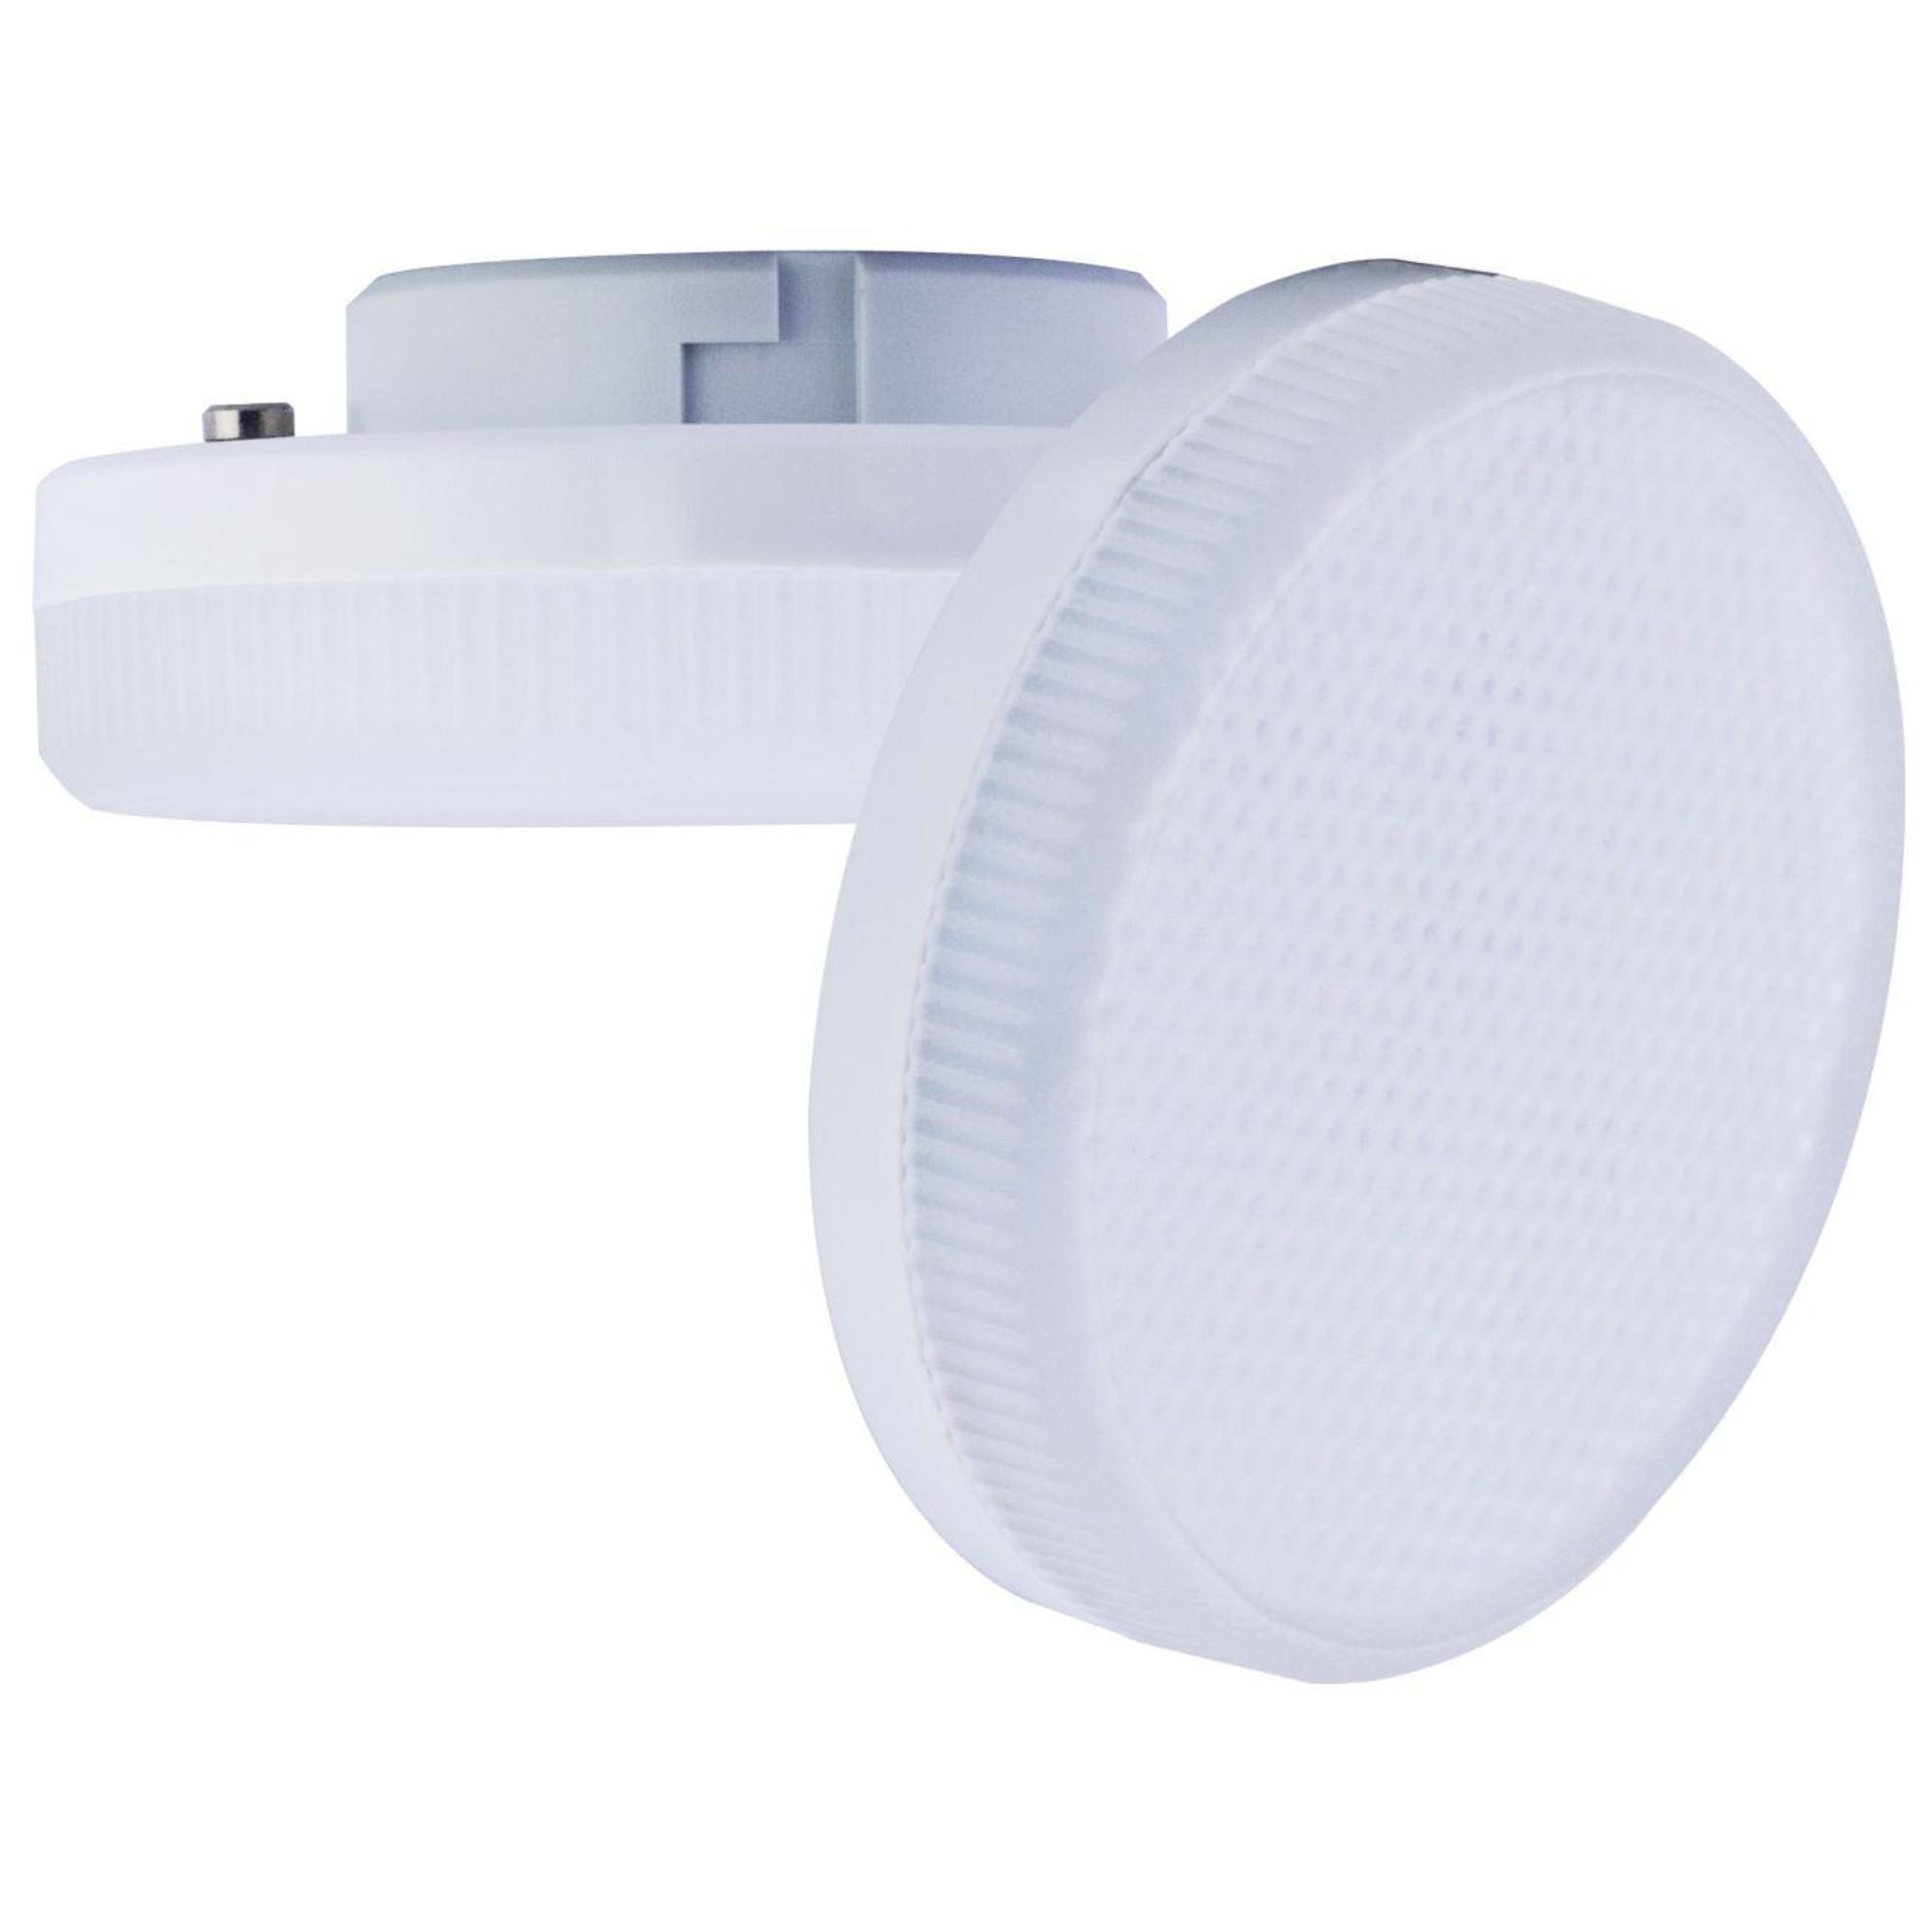 Лампа Ecola Premium светодионая GX53 3 Вт таблетка 270 Лм теплый свет